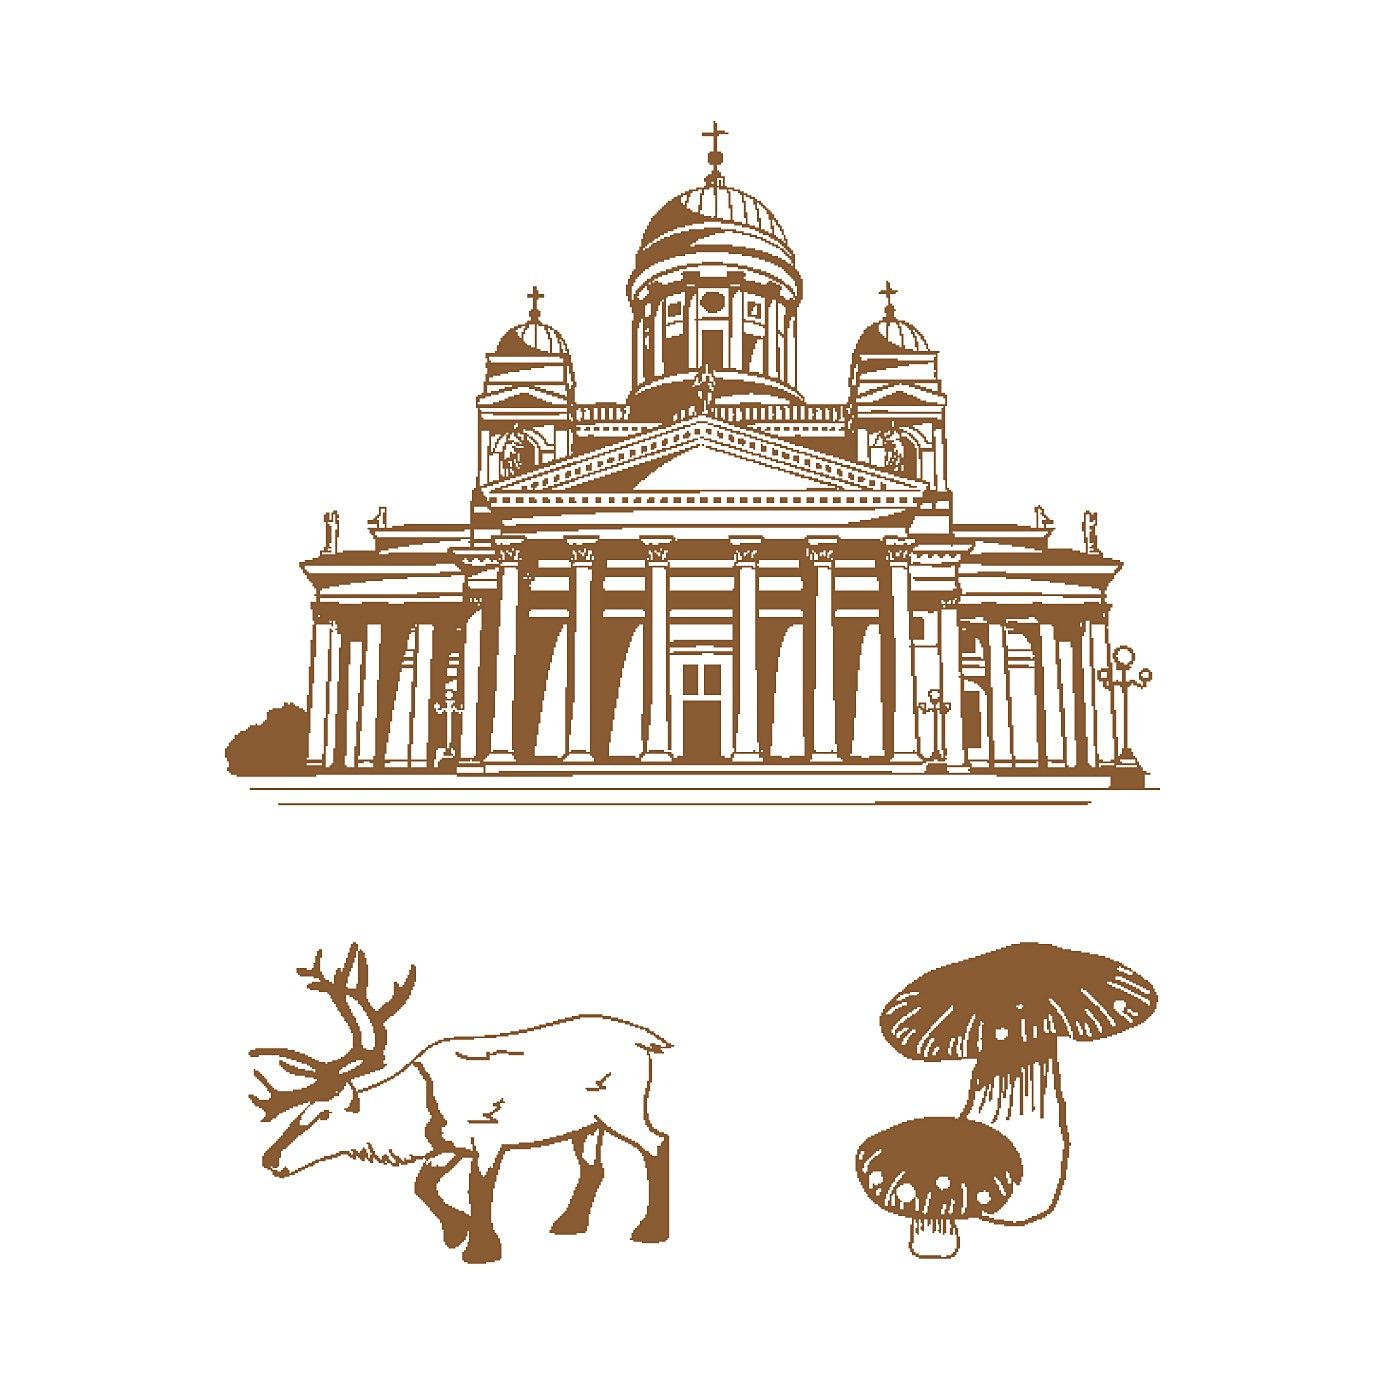 〈フィンランド/ヘルシンキ大聖堂〉